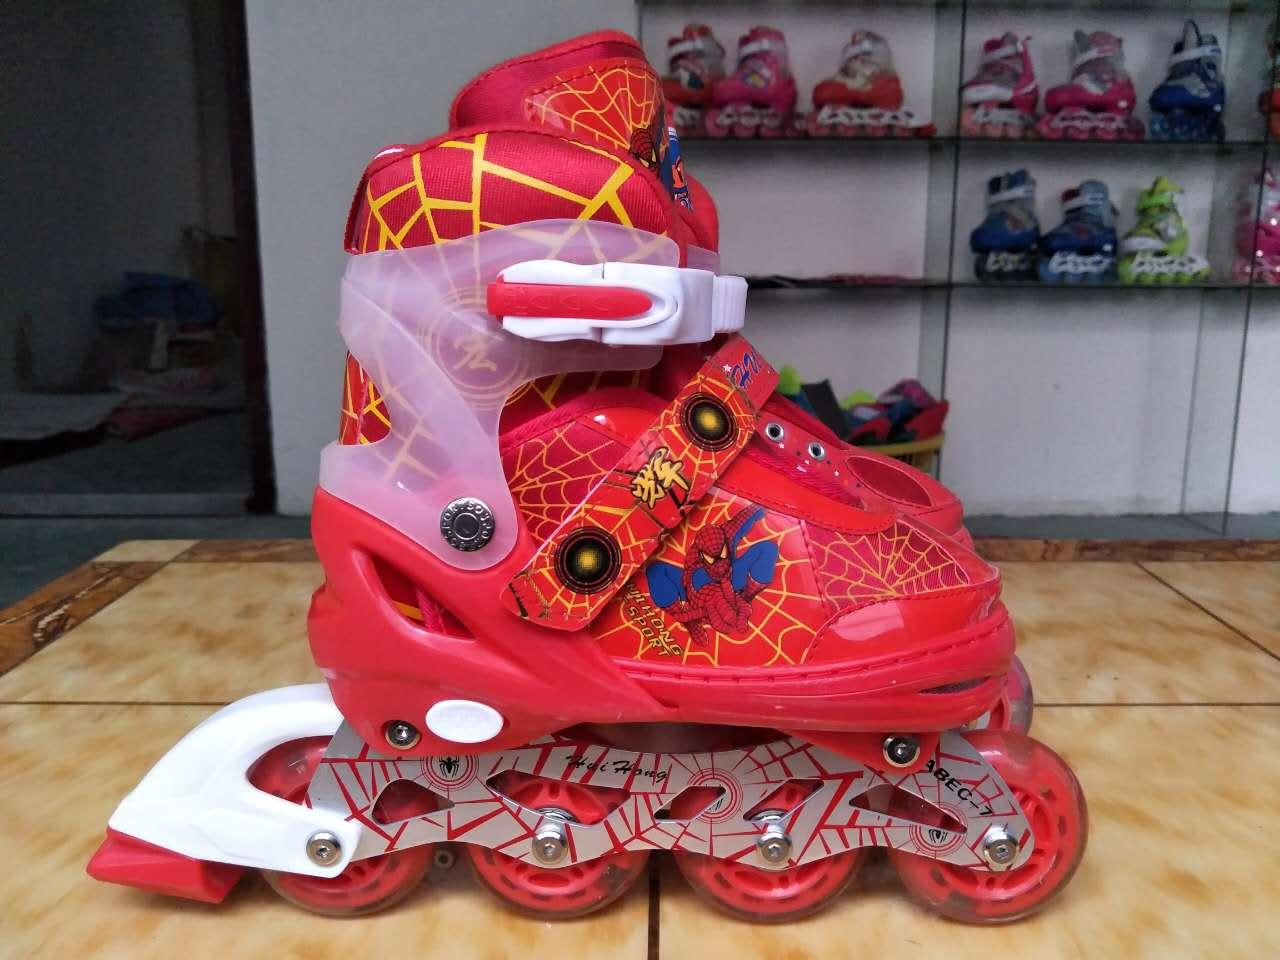 惠州专业级的迪士尼儿童溜冰鞋鞋供销、抢手的儿童轮滑鞋 轮滑鞋厂家